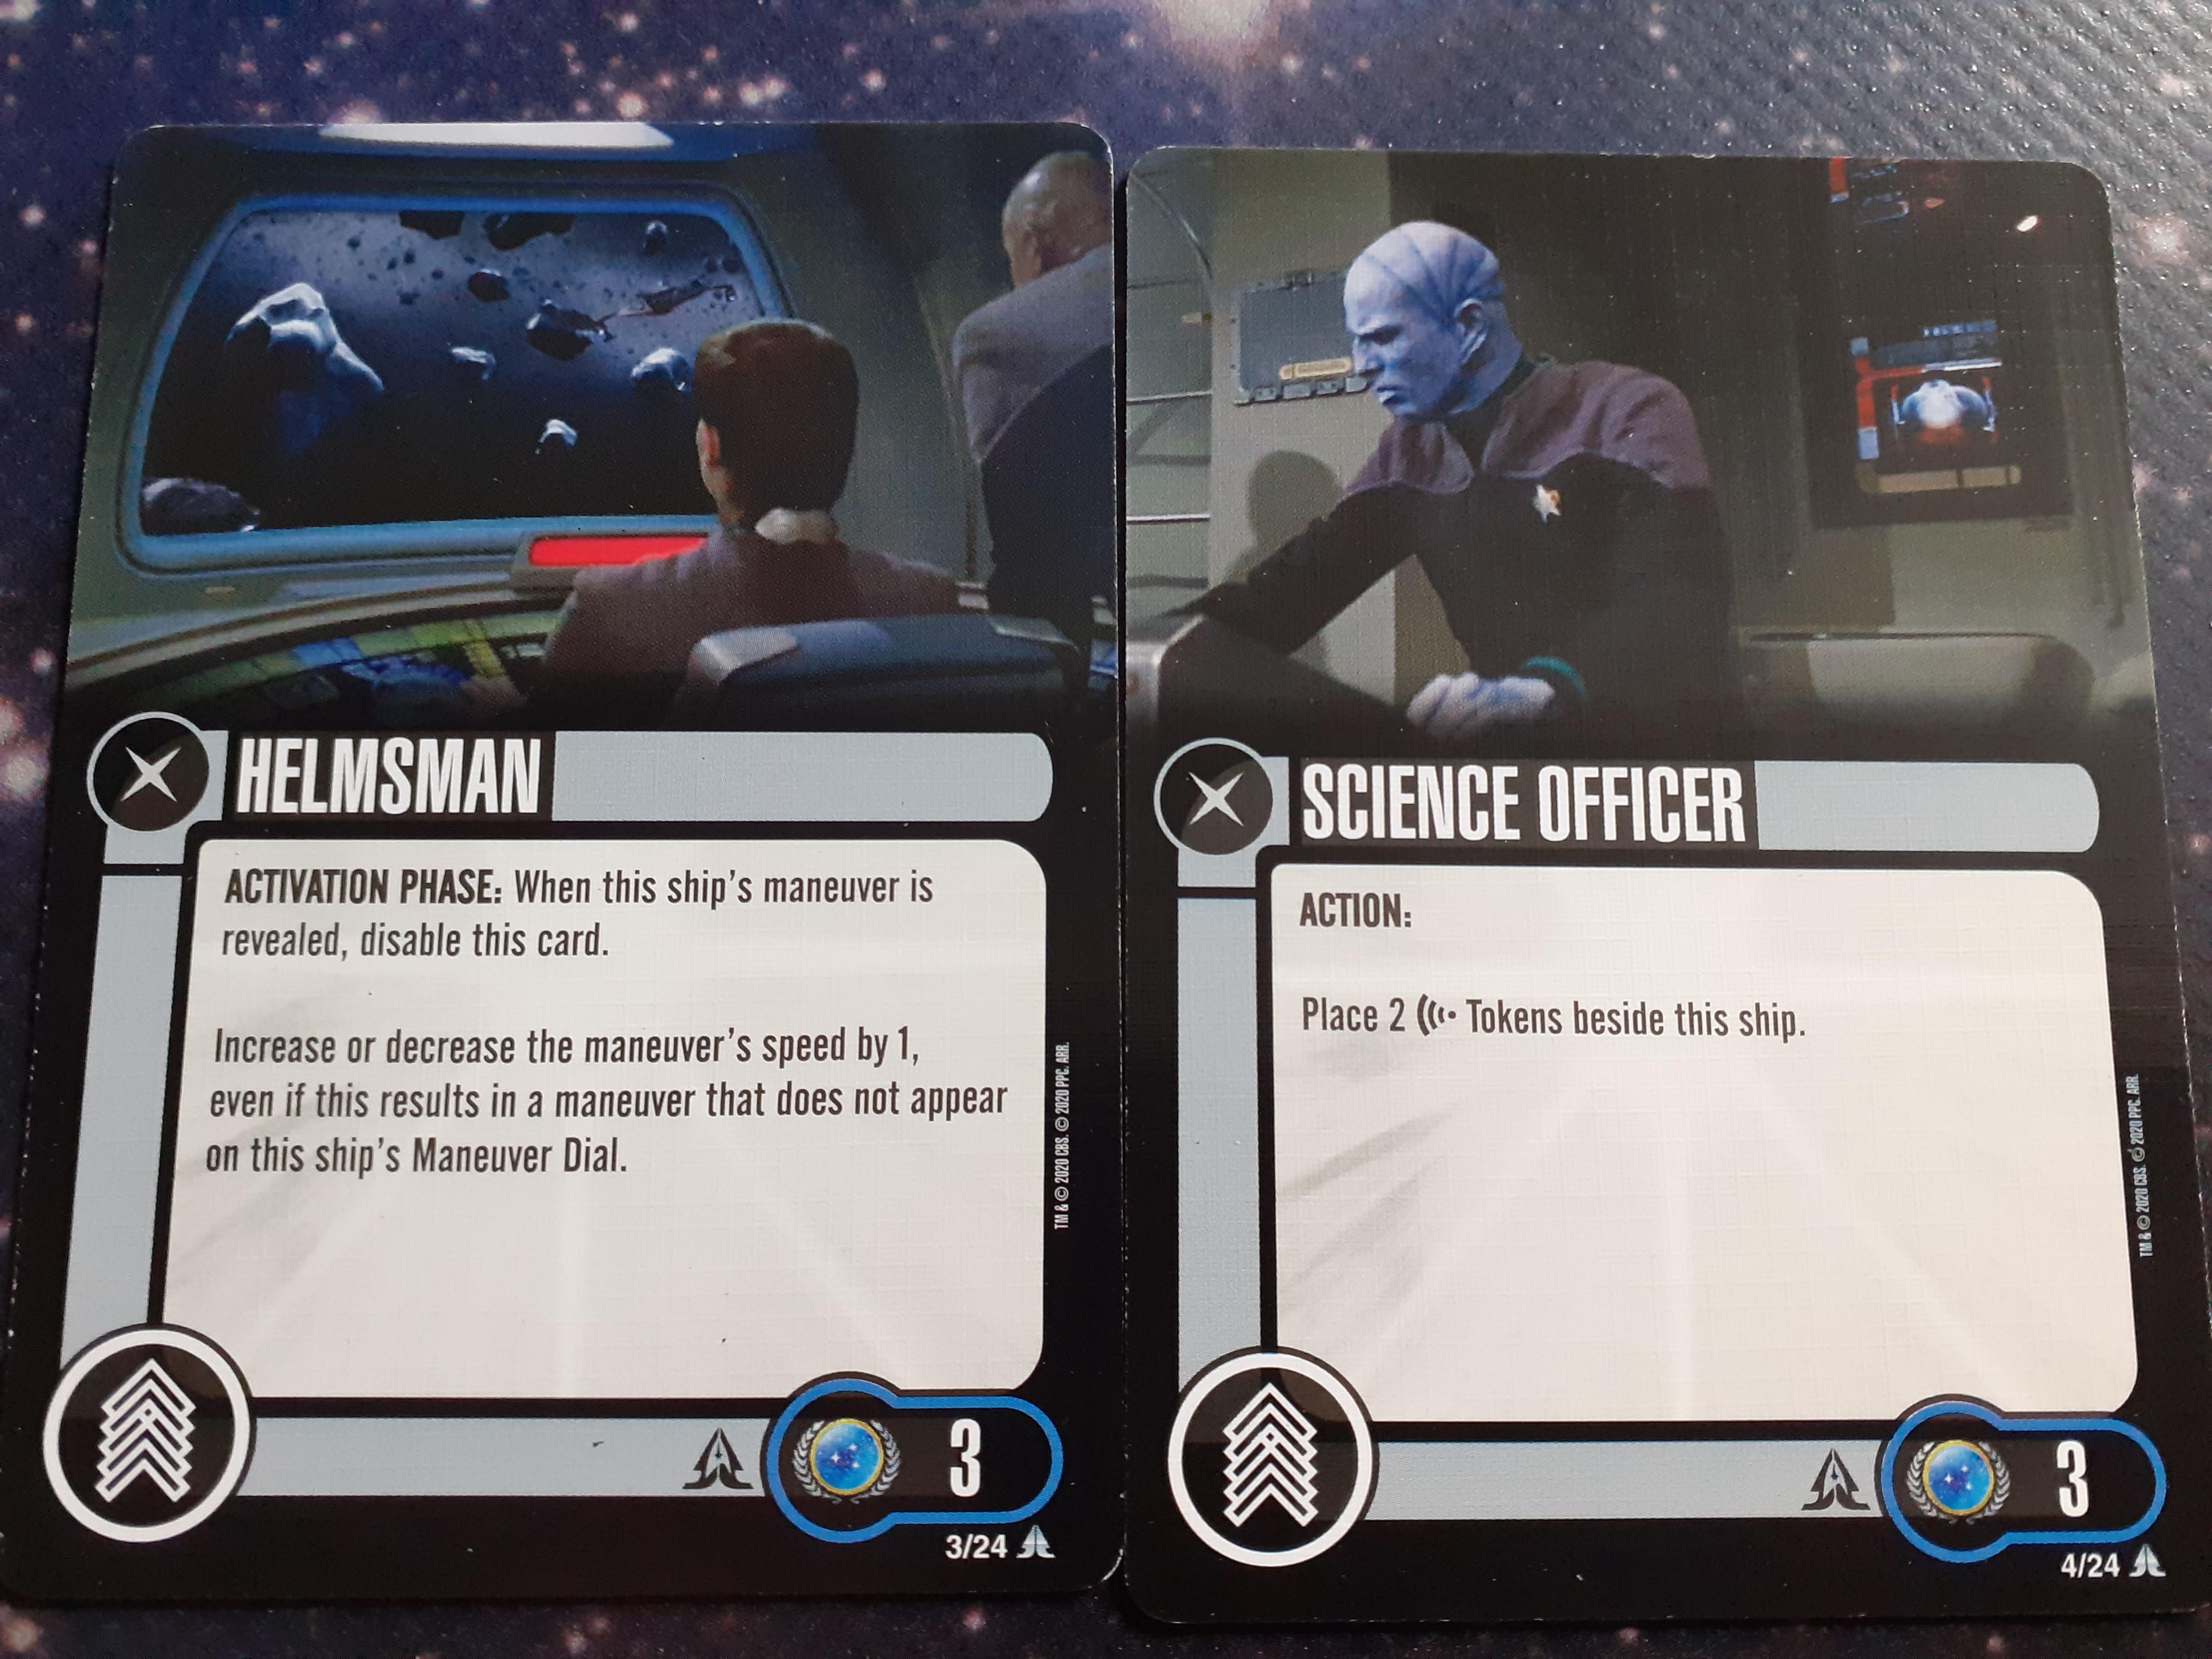 [Star Trek Alliance - Dominion War Campaign I] Computerlogbuch der Solo-Kampagne von Commander Cut  20210219_153537